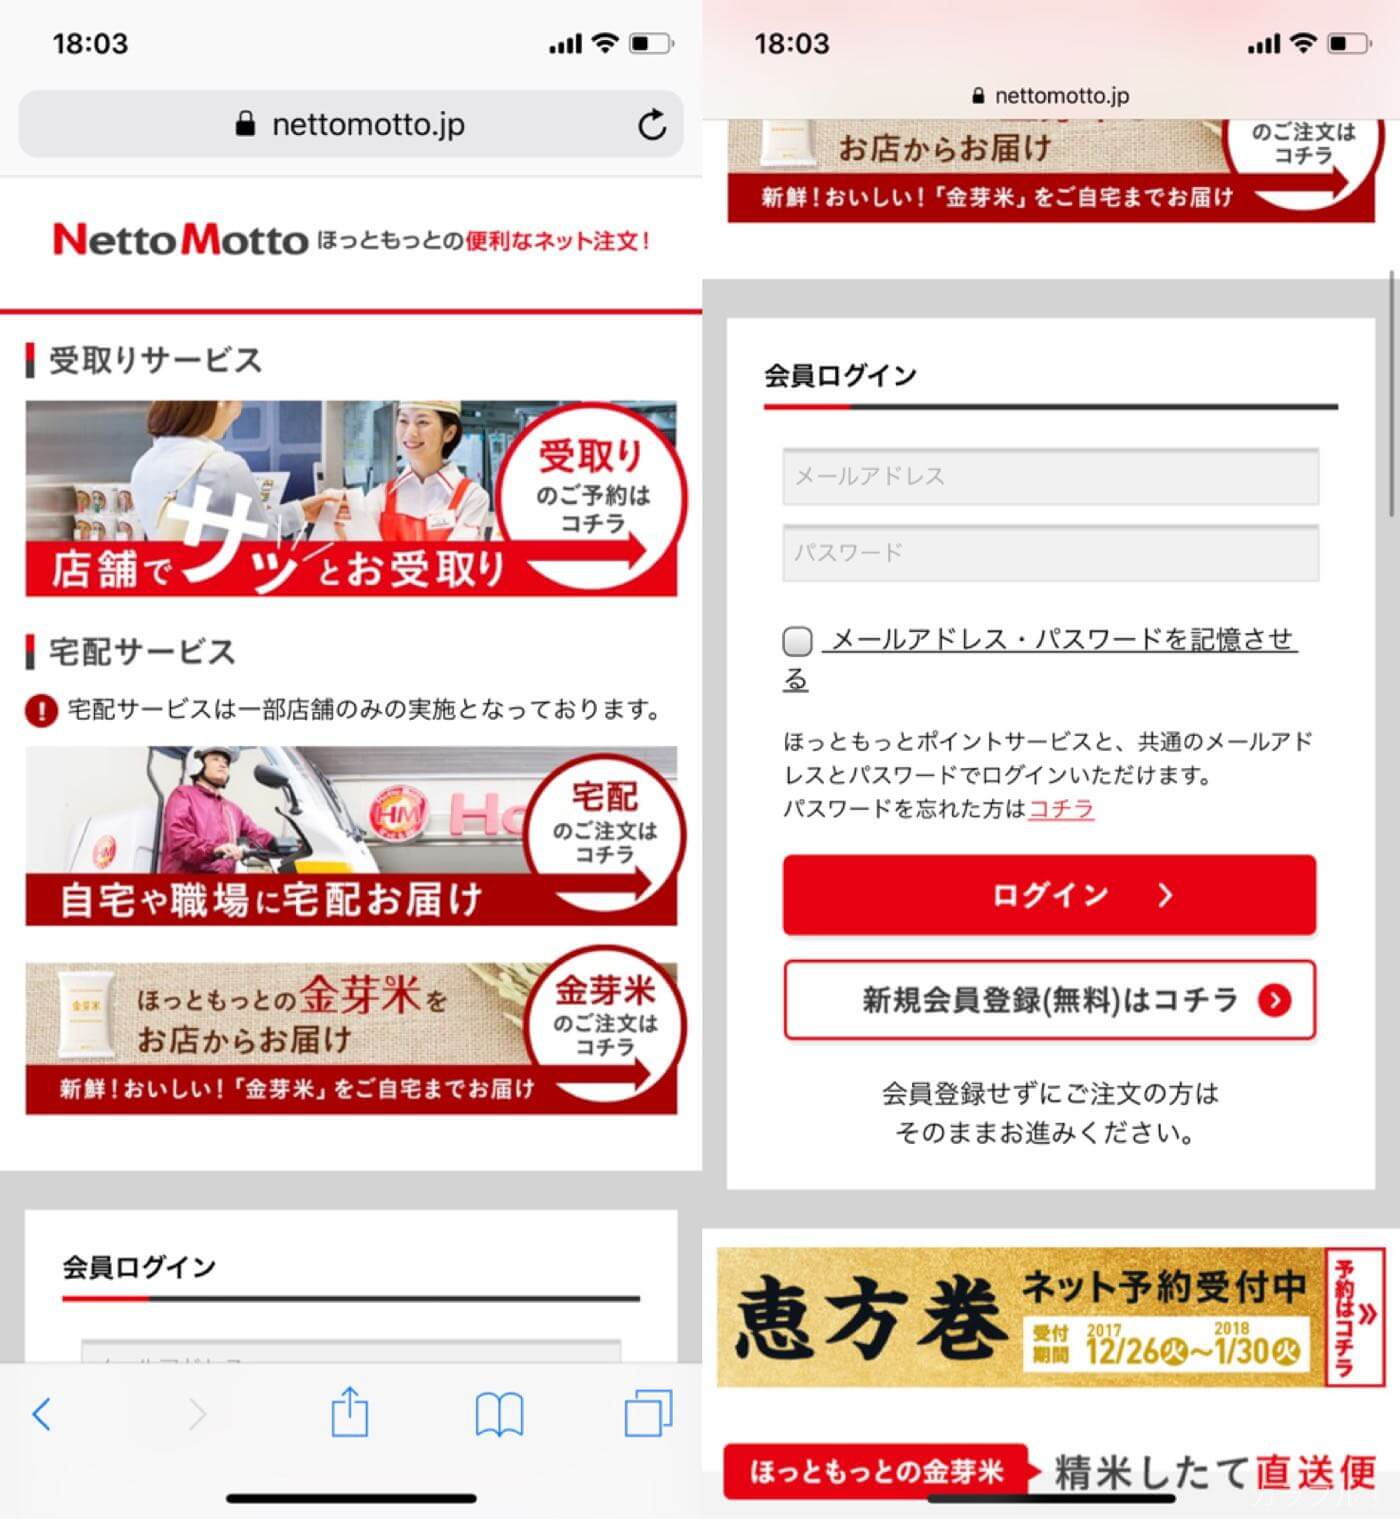 ネットモット1